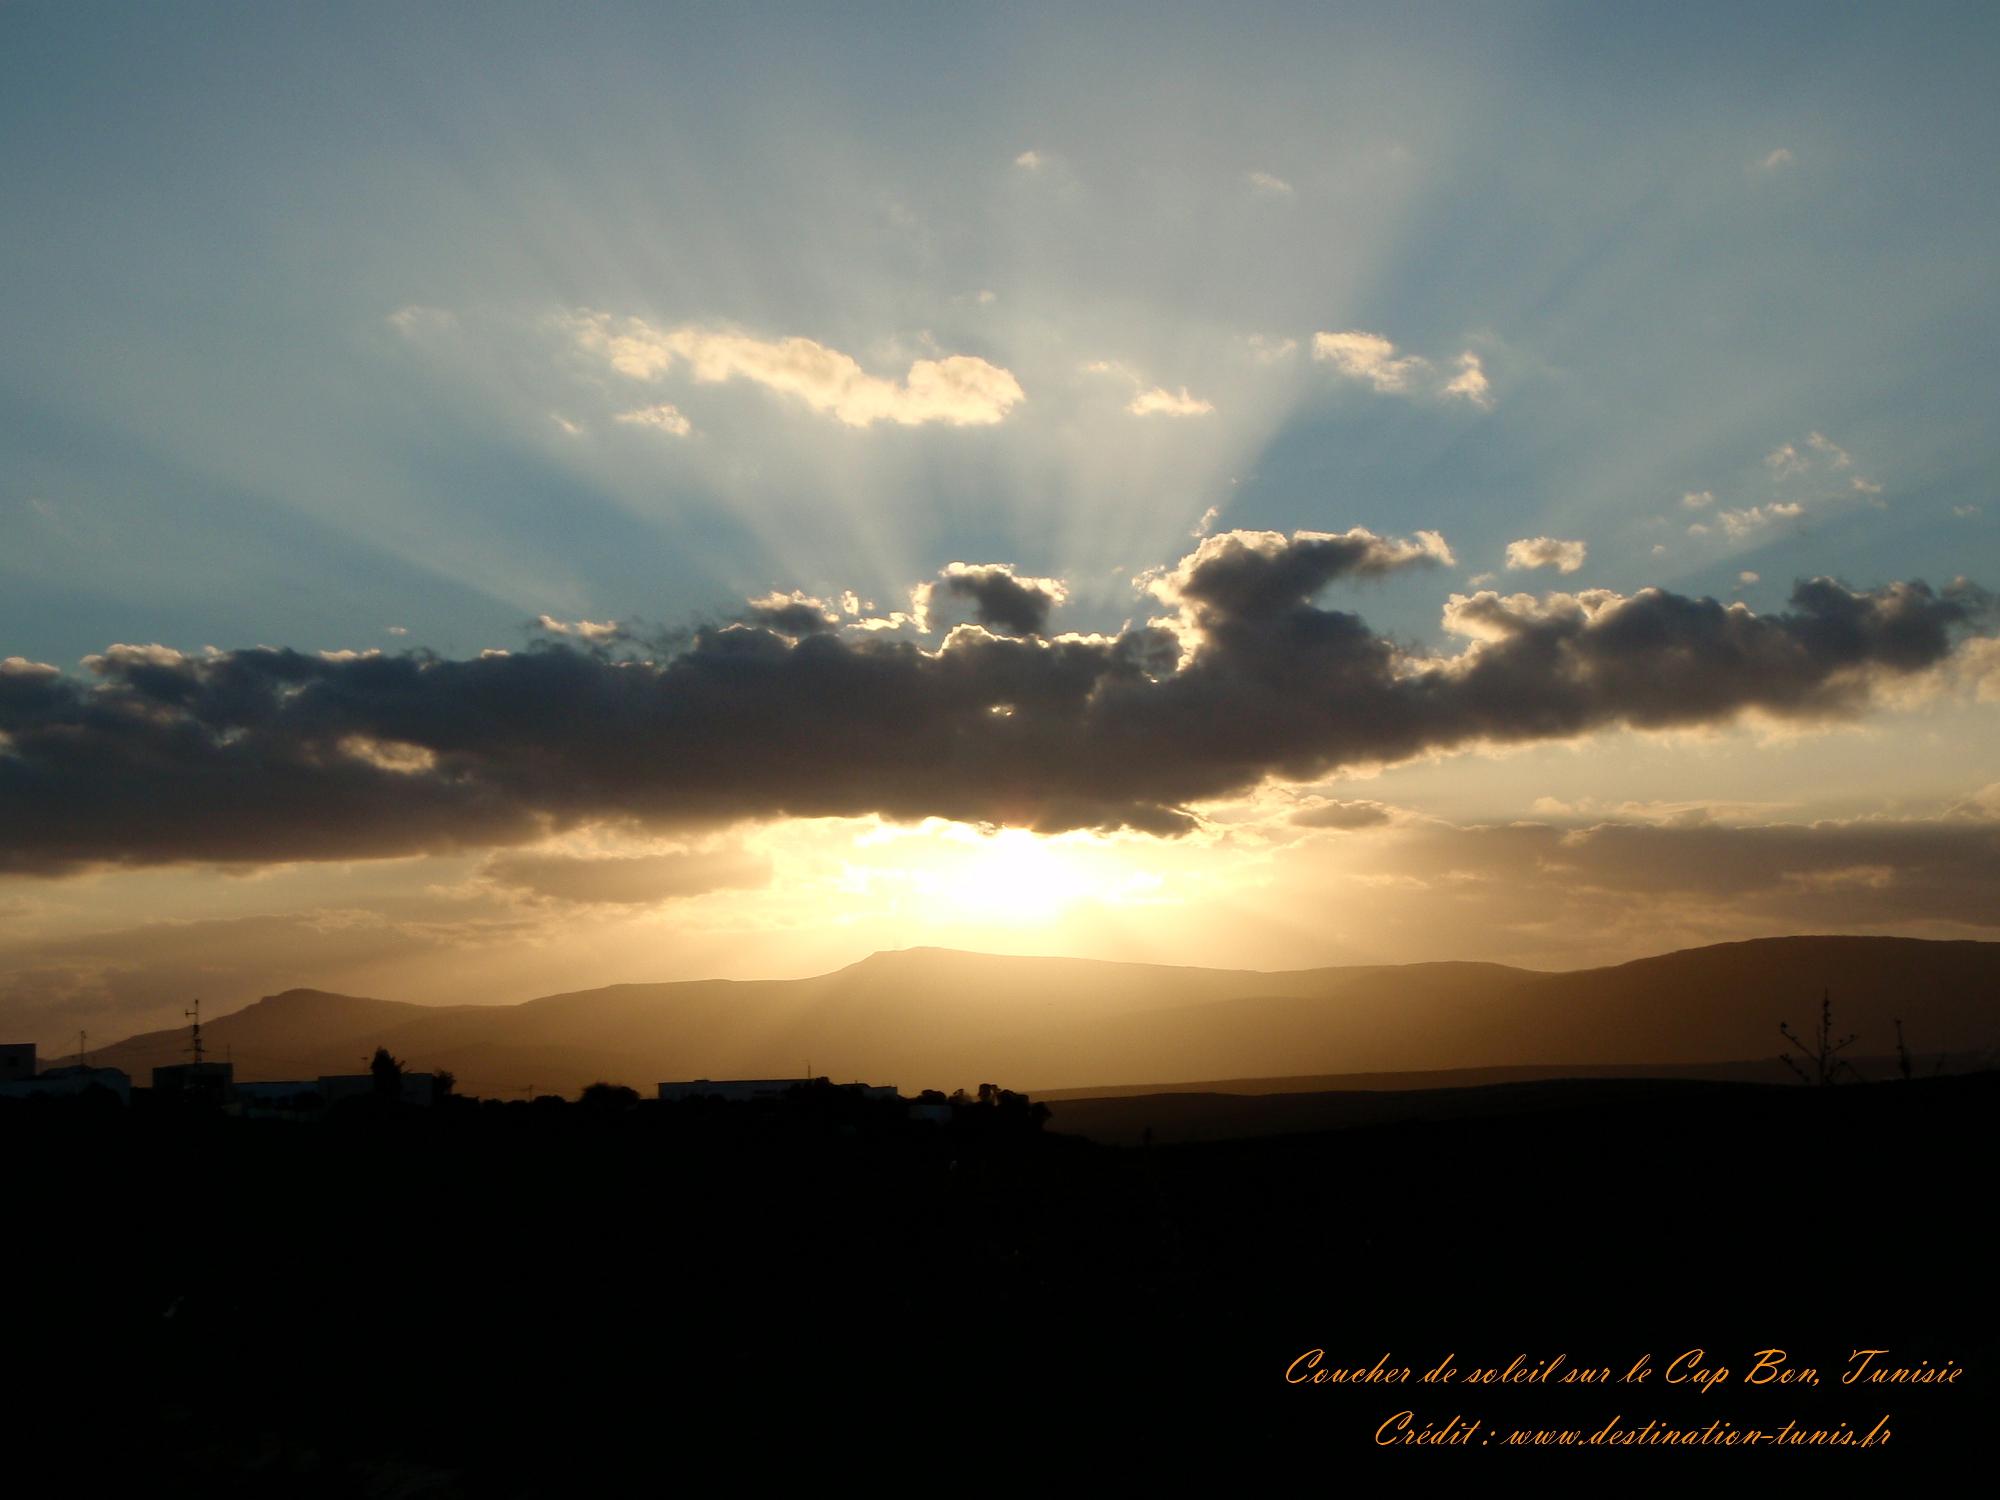 Fonds d'écran Montagne et Nature de Tunisie Coucher de soleil Cap Bon Tunisie